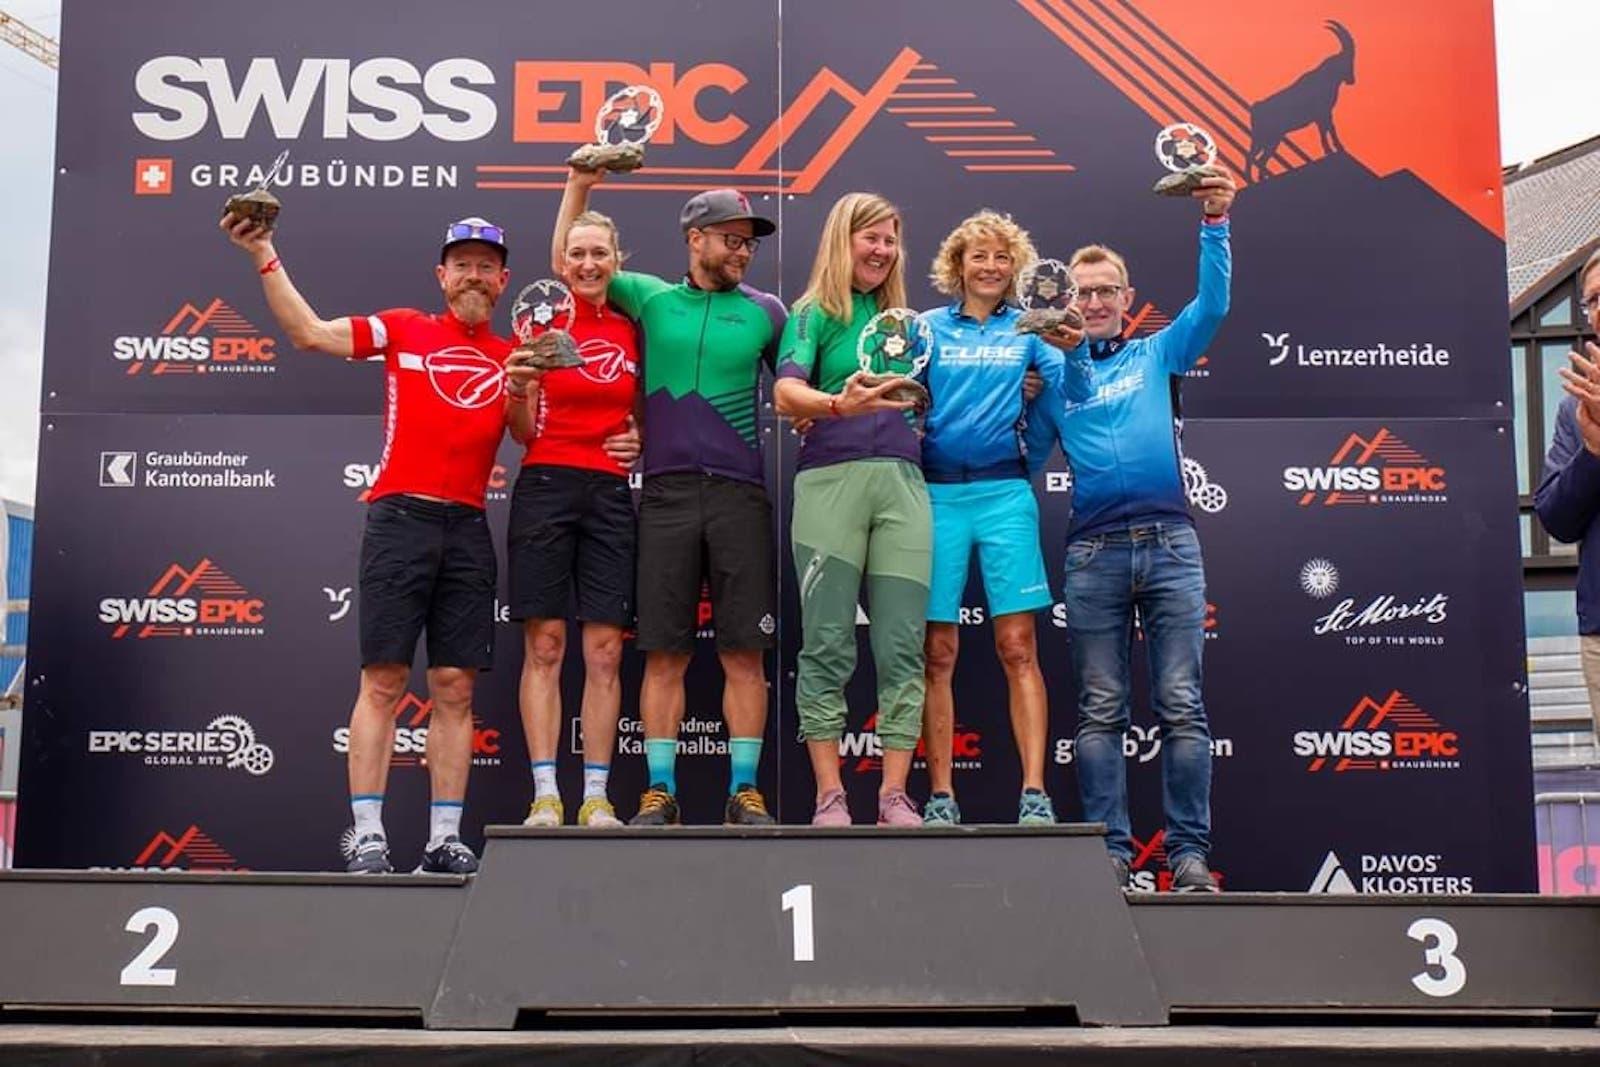 Anders Seim og Synne Steinsland vant både finaleetappen i Swiss Epic og femdagersrittet sammenlagt. Foto: Privat